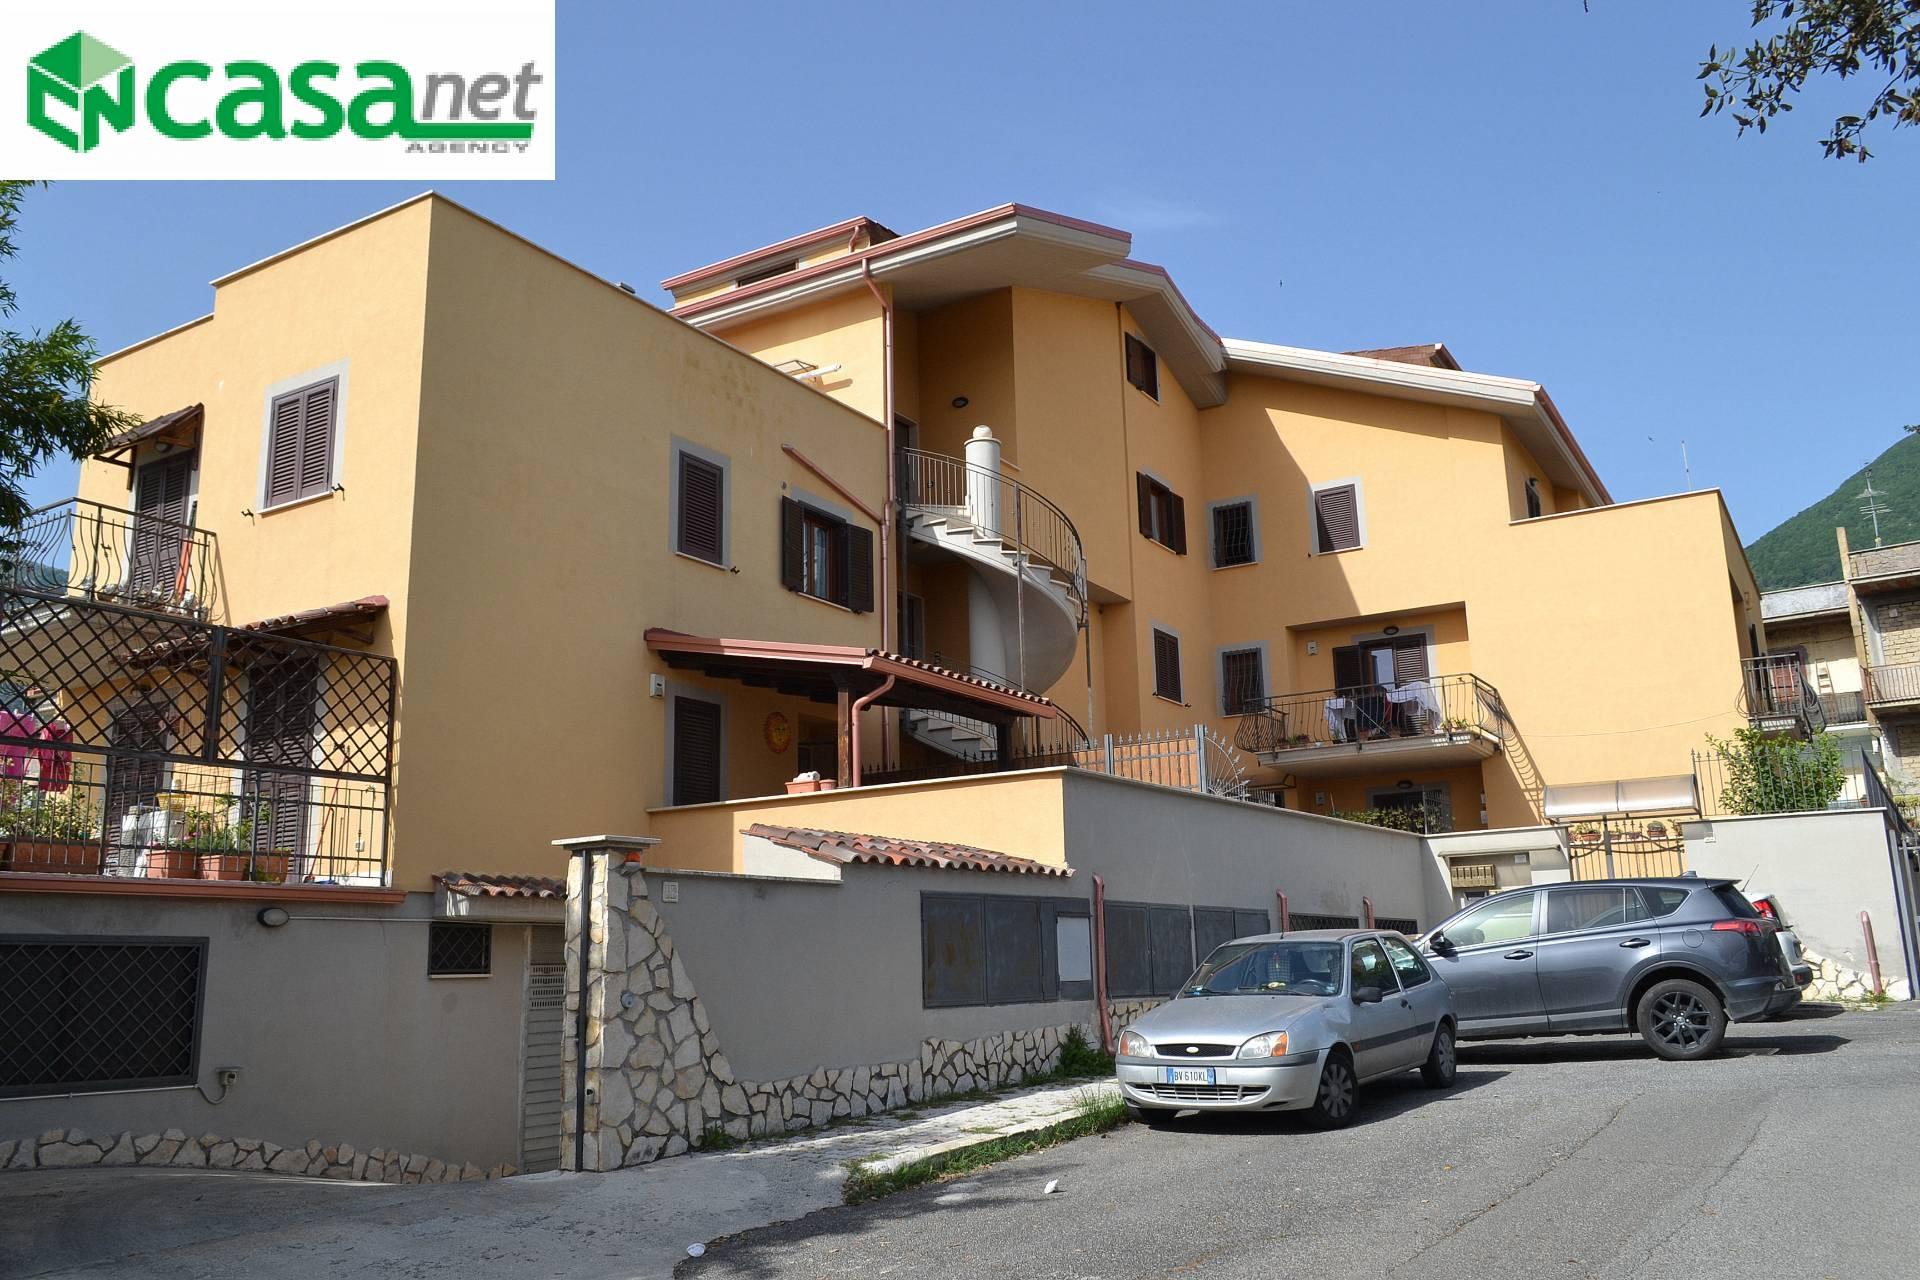 Appartamento in vendita a Marcellina, 4 locali, zona Zona: Campetella, prezzo € 129.000 | CambioCasa.it